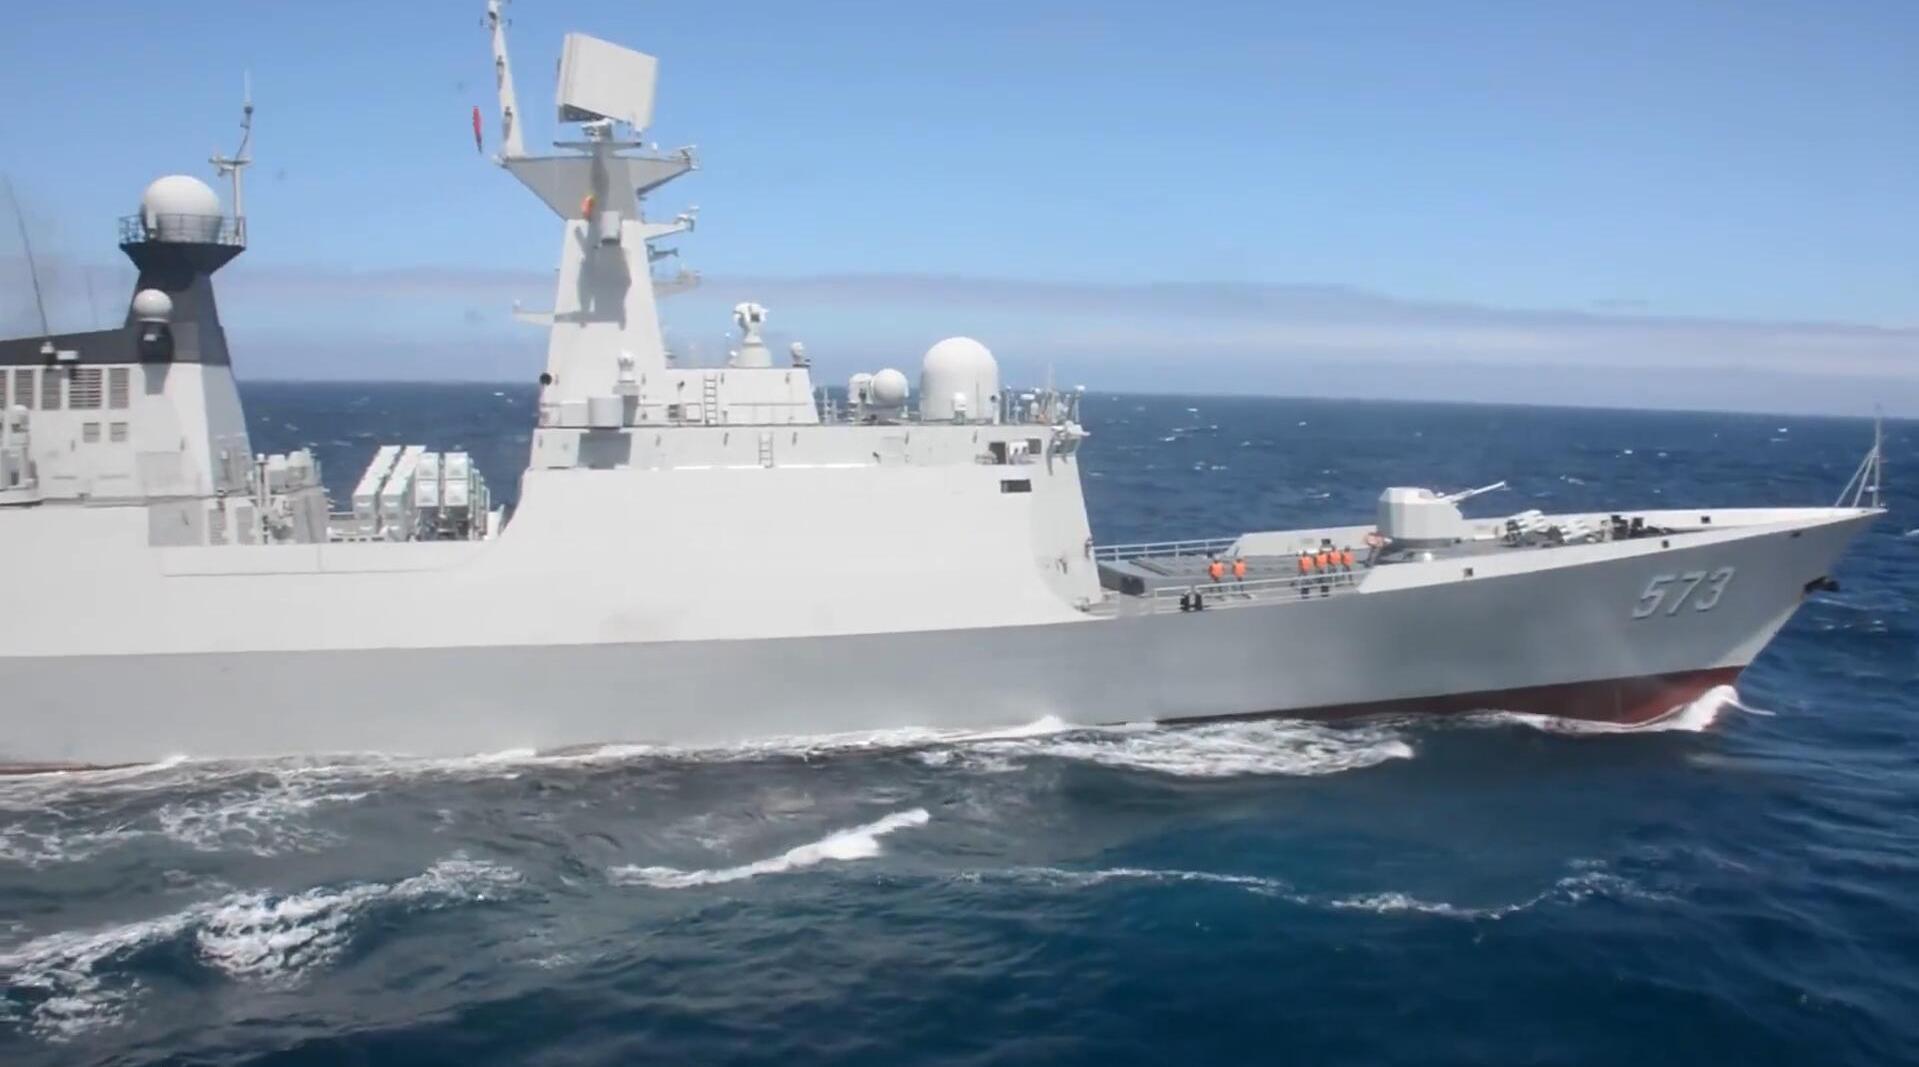 中国海军054A型导弹护卫舰,柳州号乘风破浪的唯美镜头!